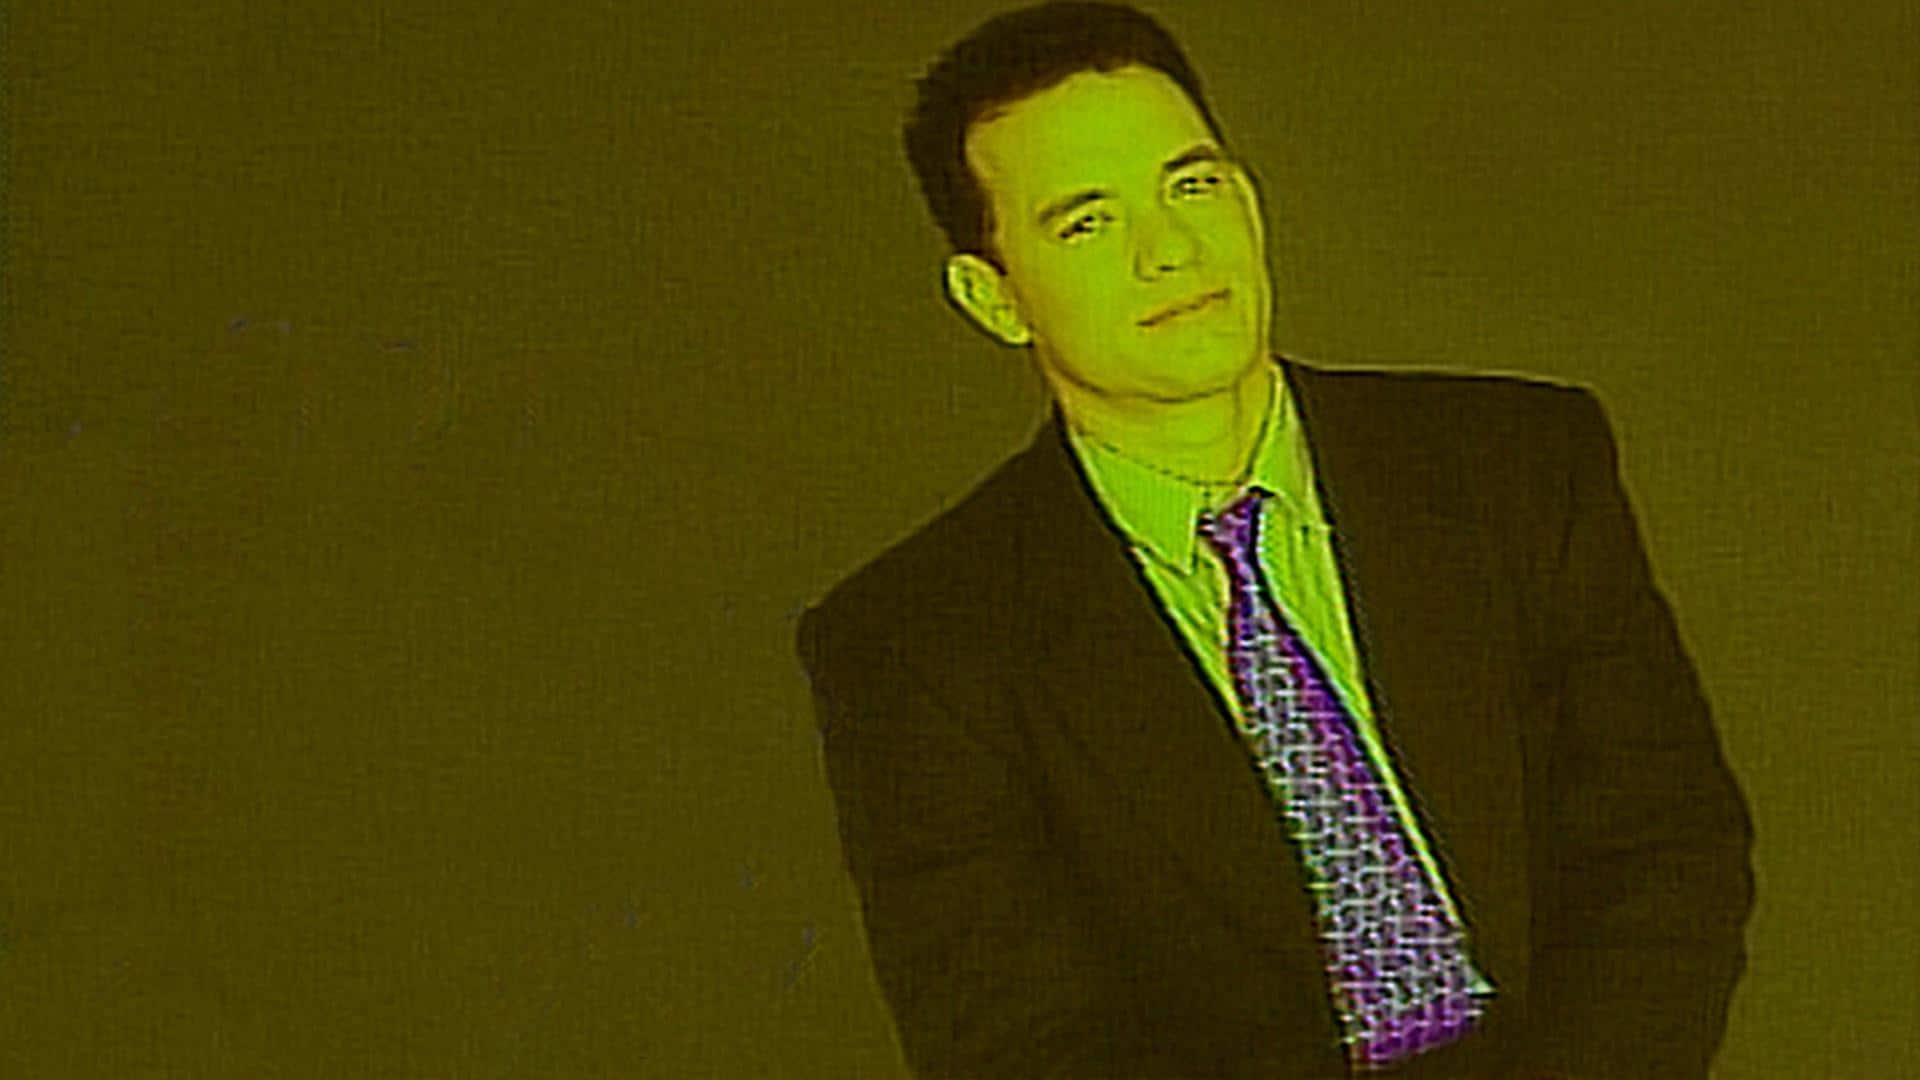 Tom Hanks: December 8, 1990